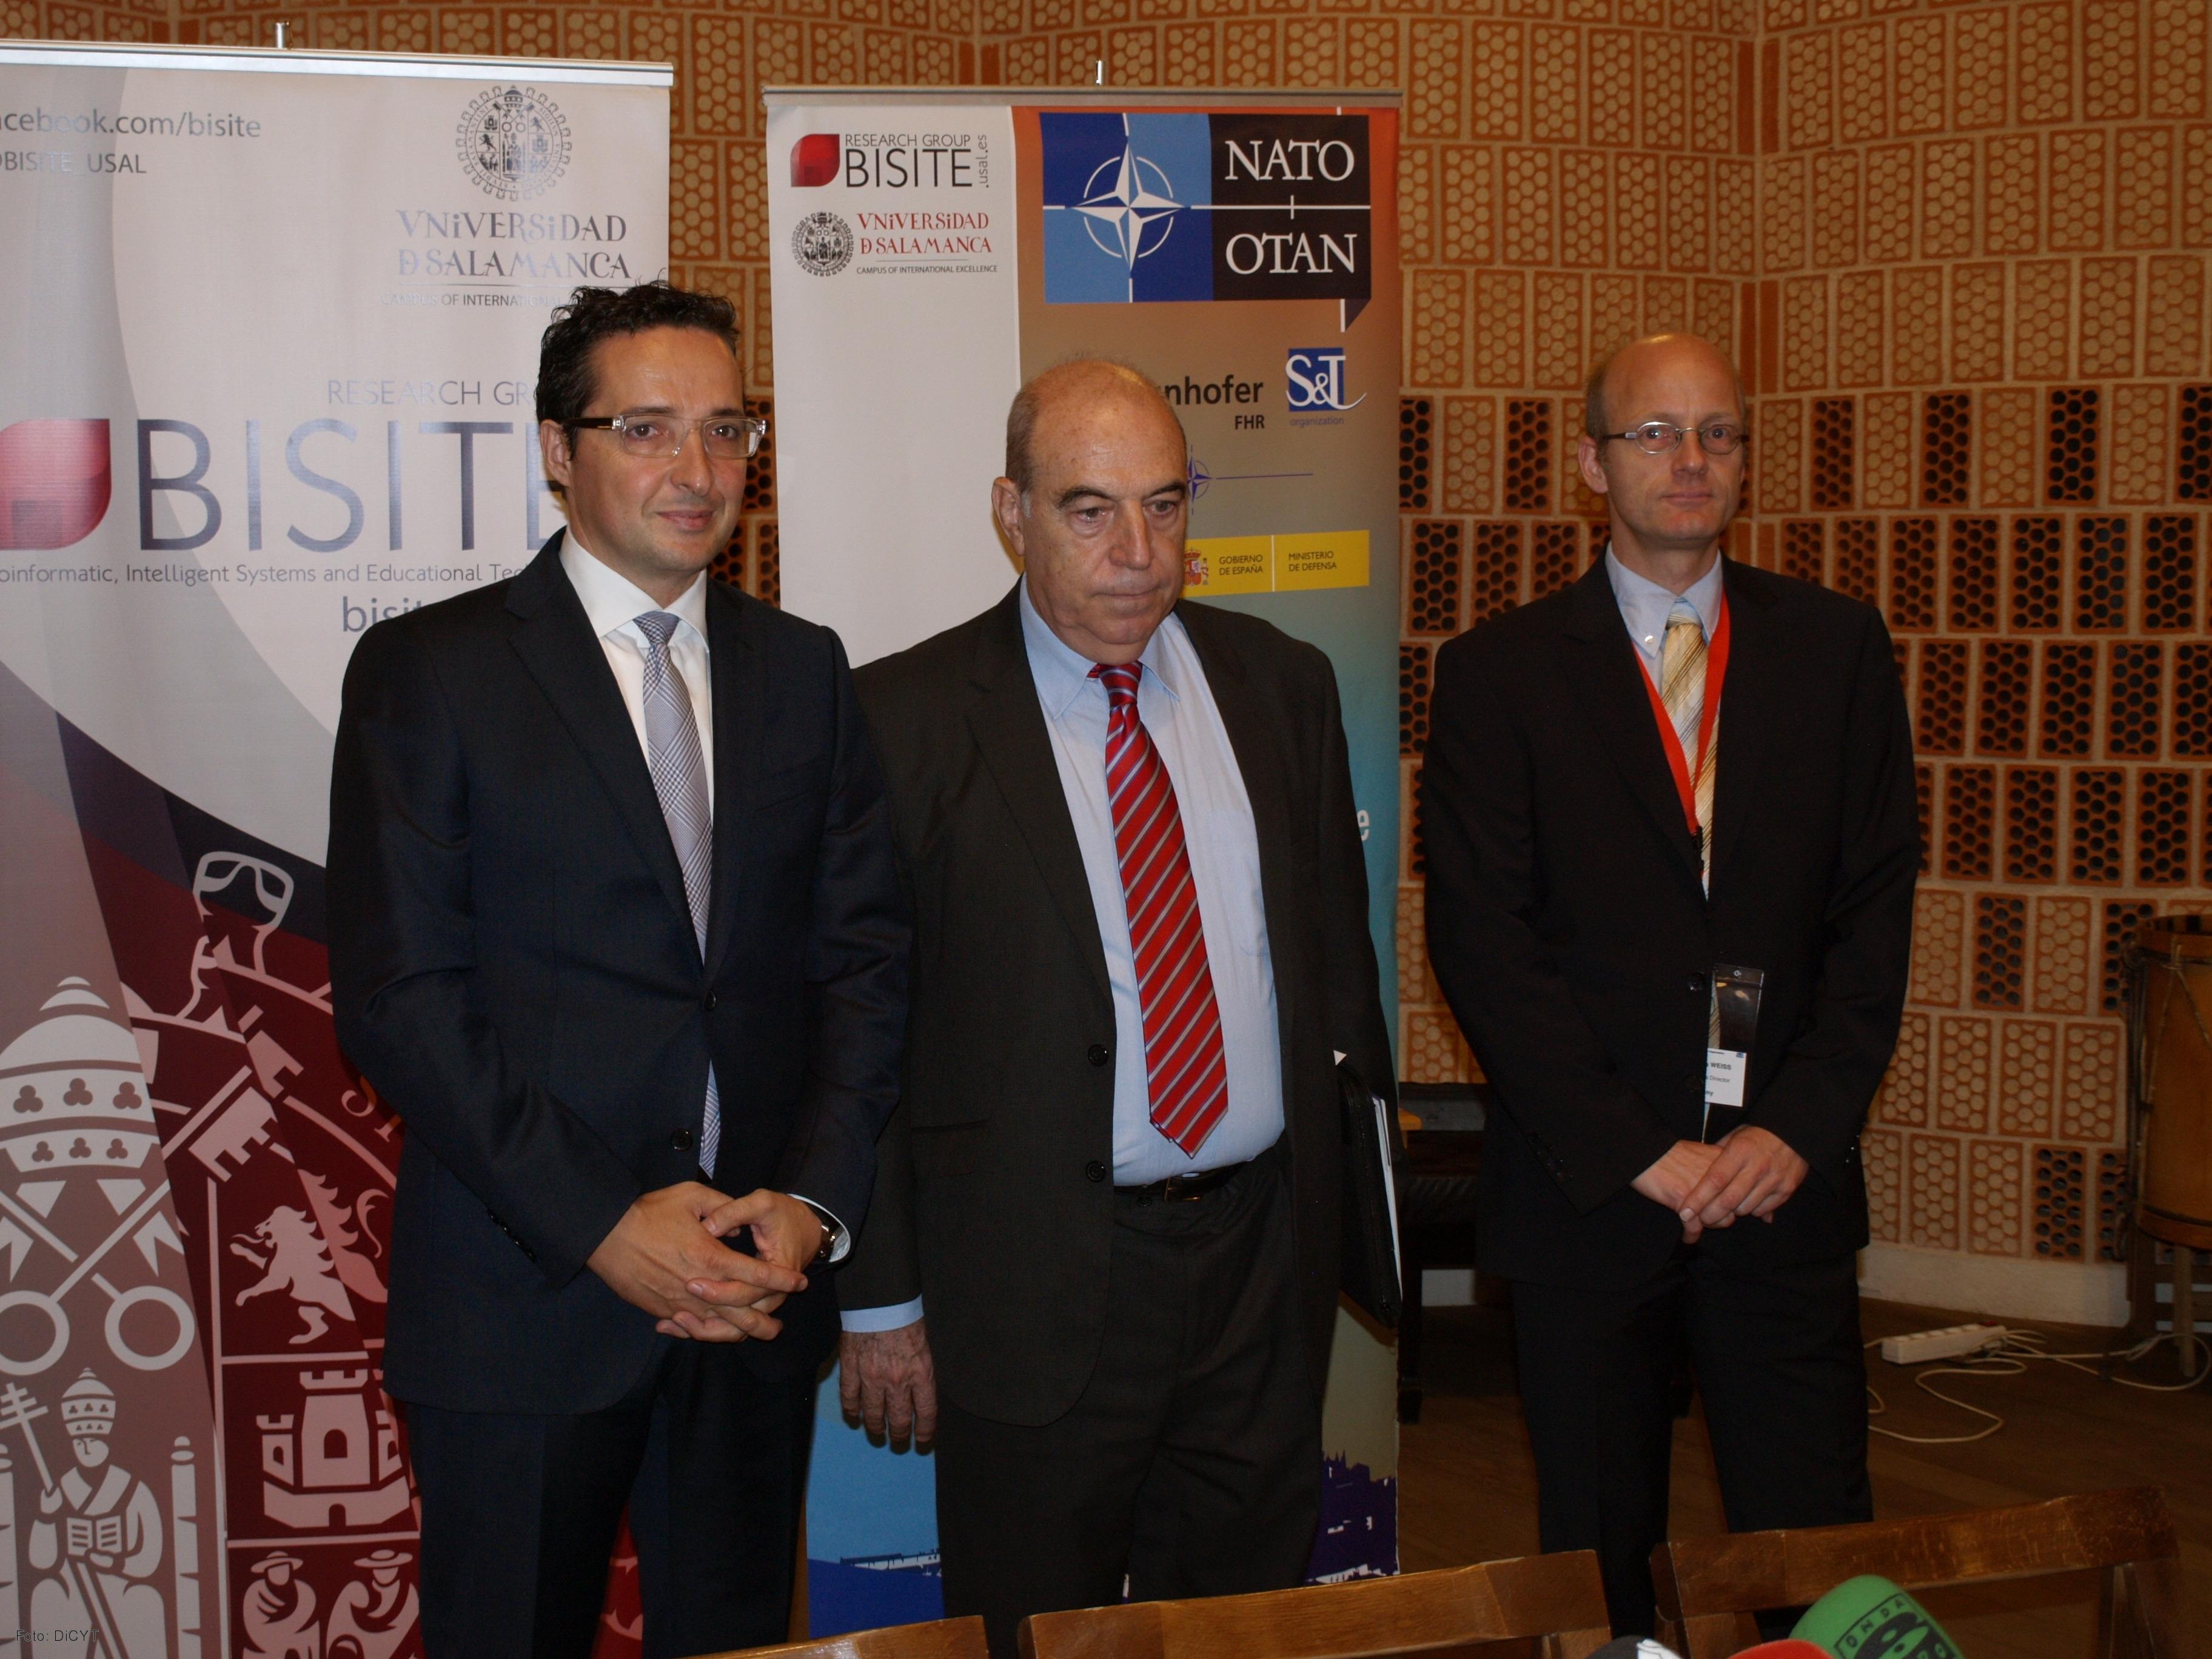 41577887c De izquierda a derecha, Juan Manuel Corchado, Tomás Martínez Piquer y  Matthias Weiß.